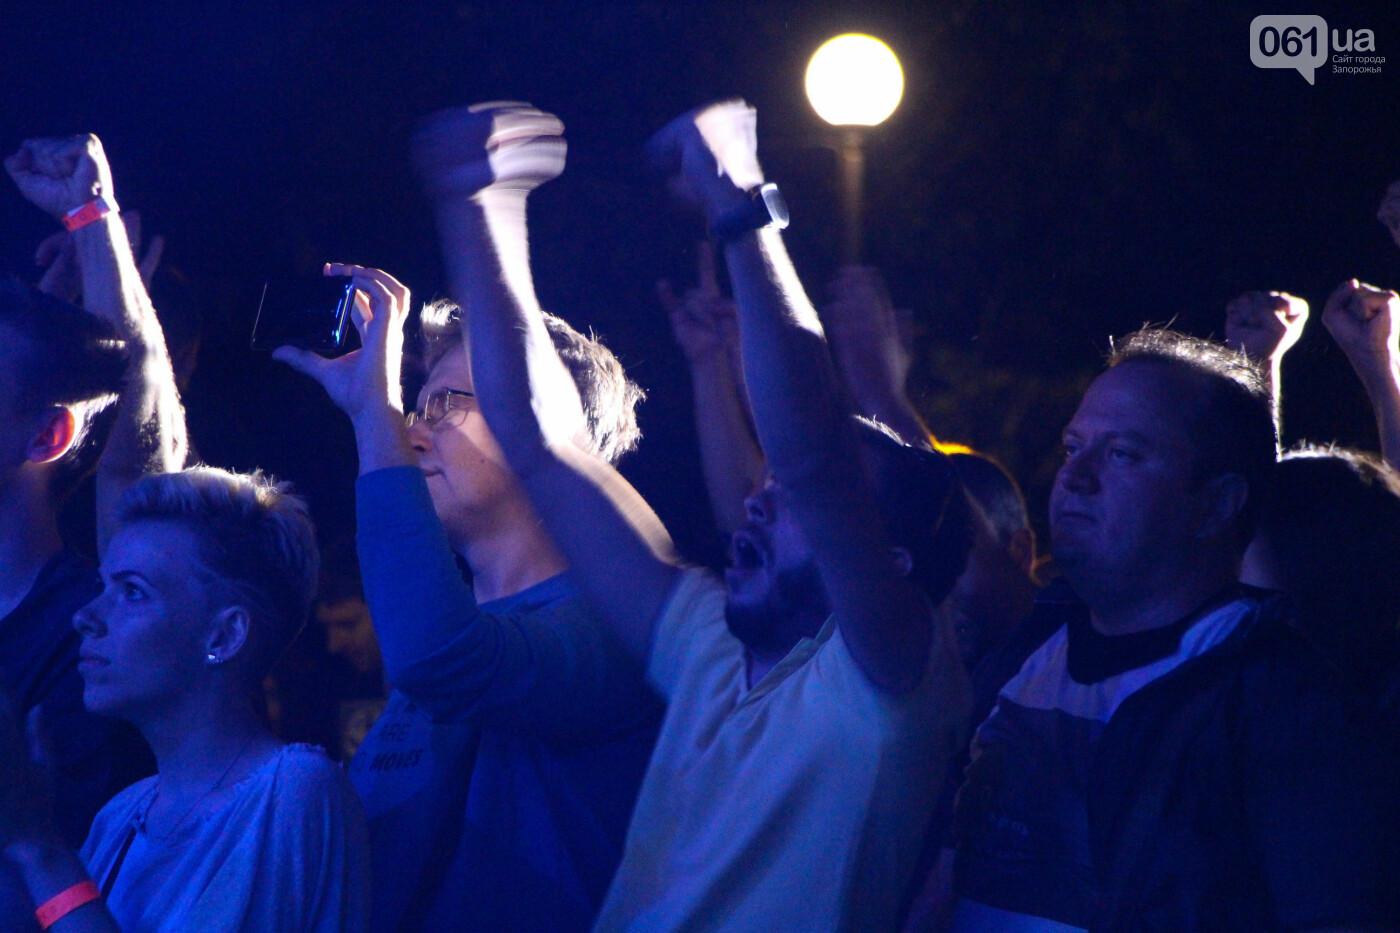 Концерт группы «Жадан і Собаки» собрал сотни запорожцев: как это было, - ФОТОРЕПОРТАЖ, фото-31